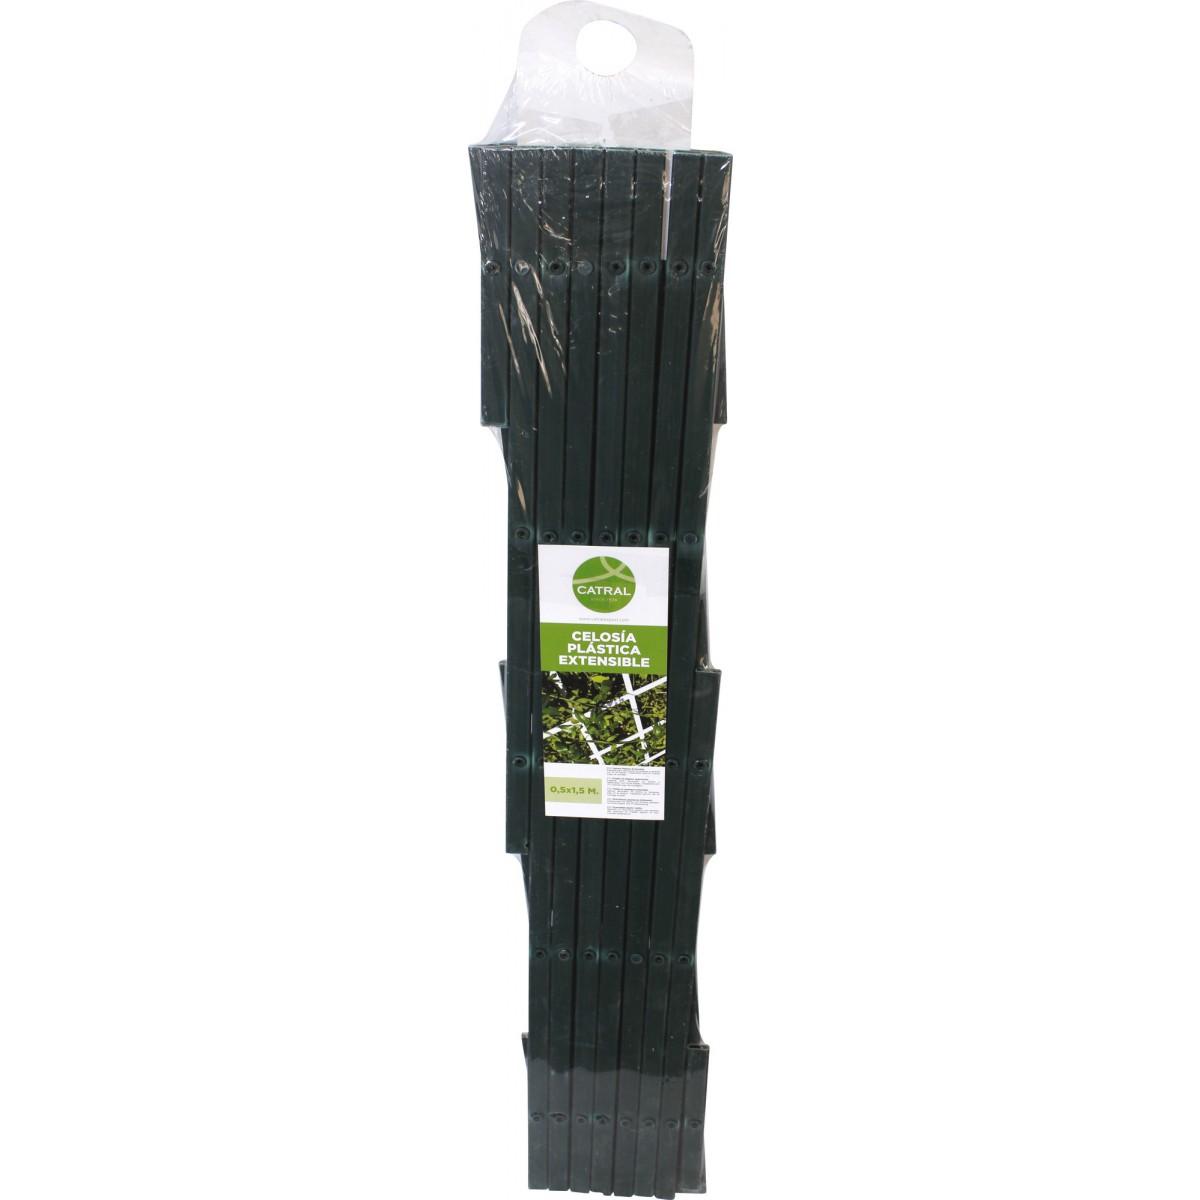 Treillis PVC extensible Catral - Vert - Longueur 3 m - Hauteur 1 m